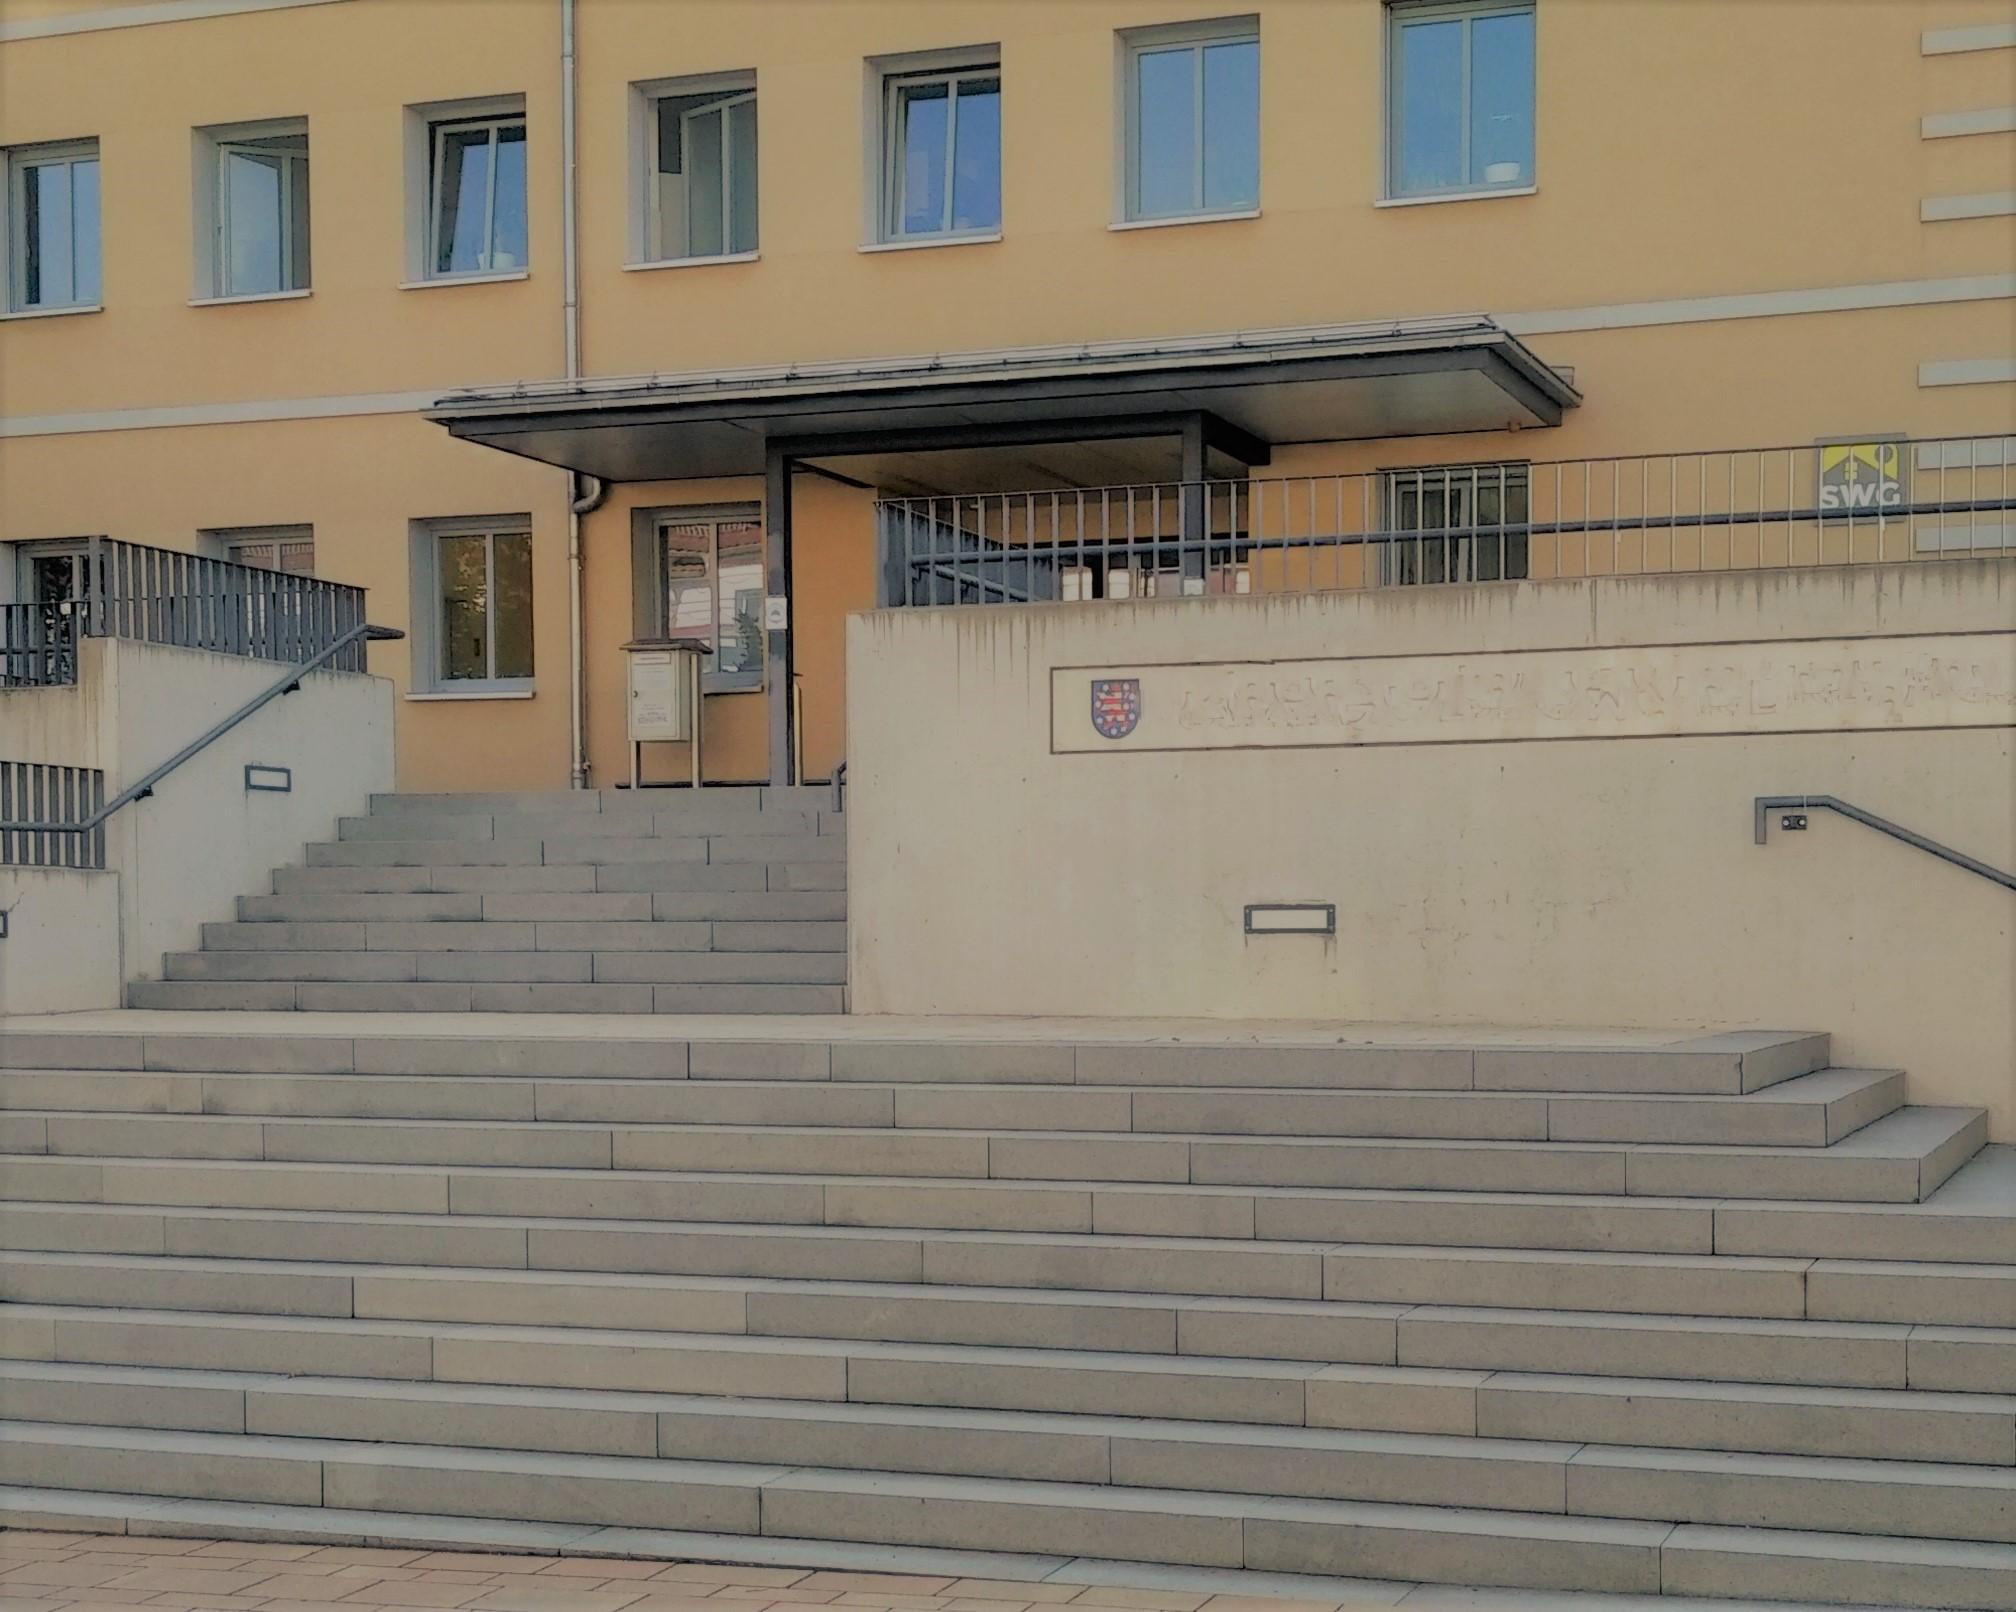 [Bild] Gebäudeansicht Arbeitsgericht Nordhausen